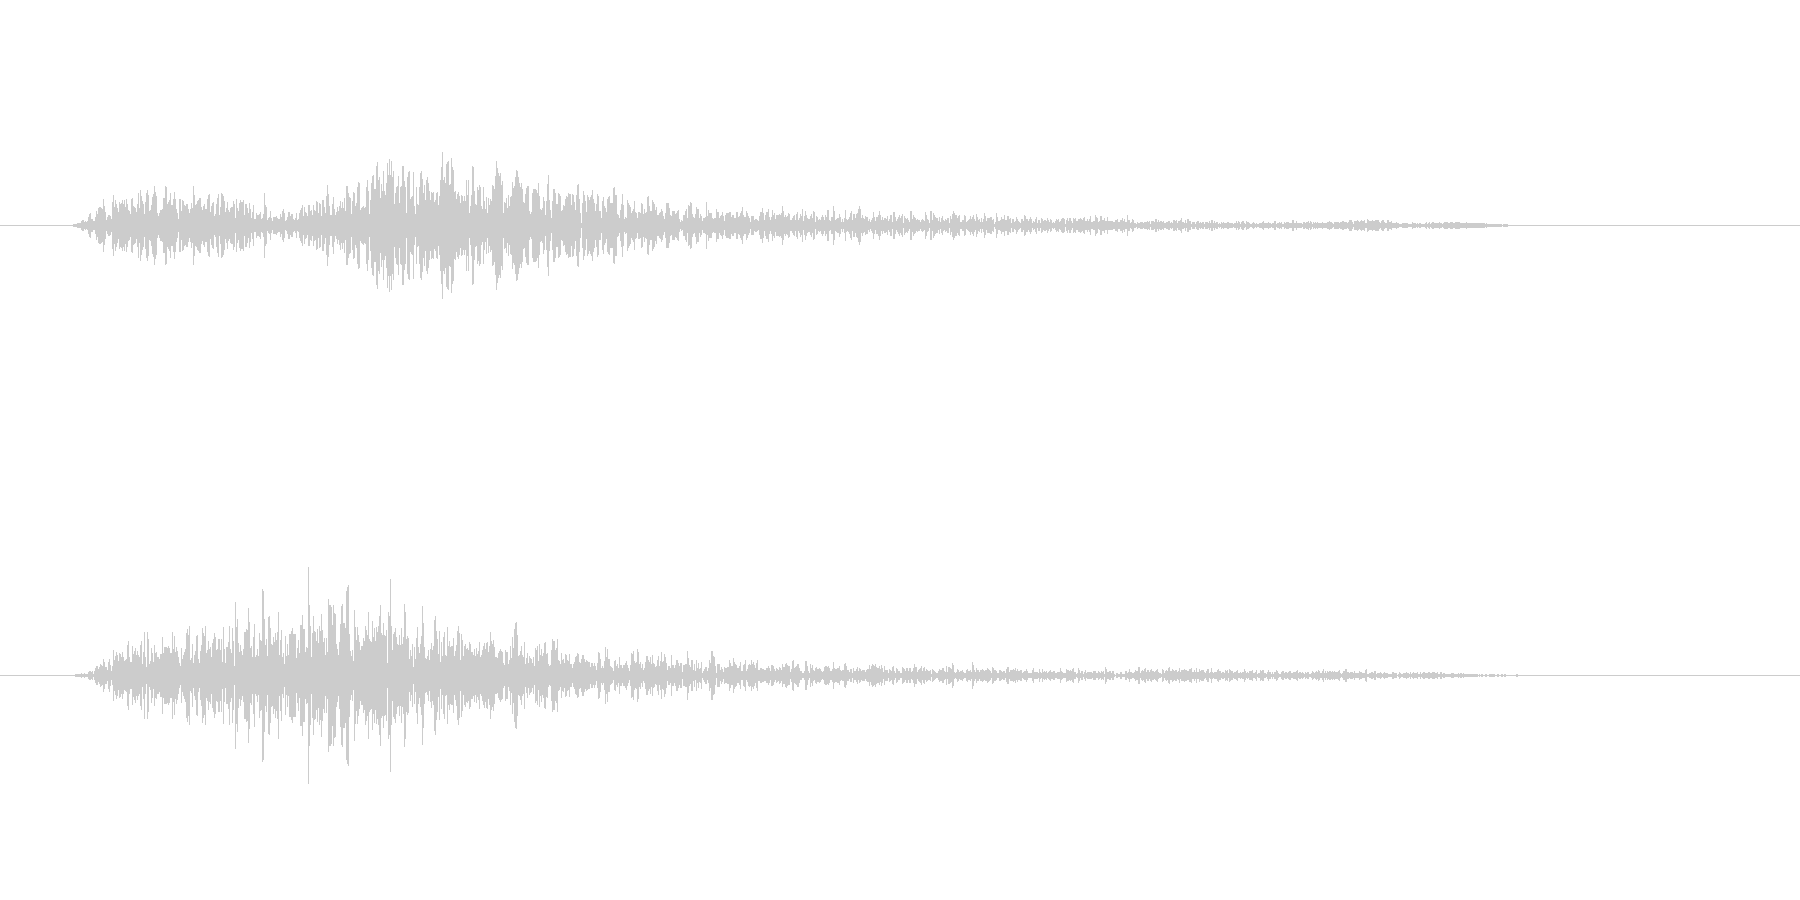 機械・金属などが軋むような音の未再生の波形